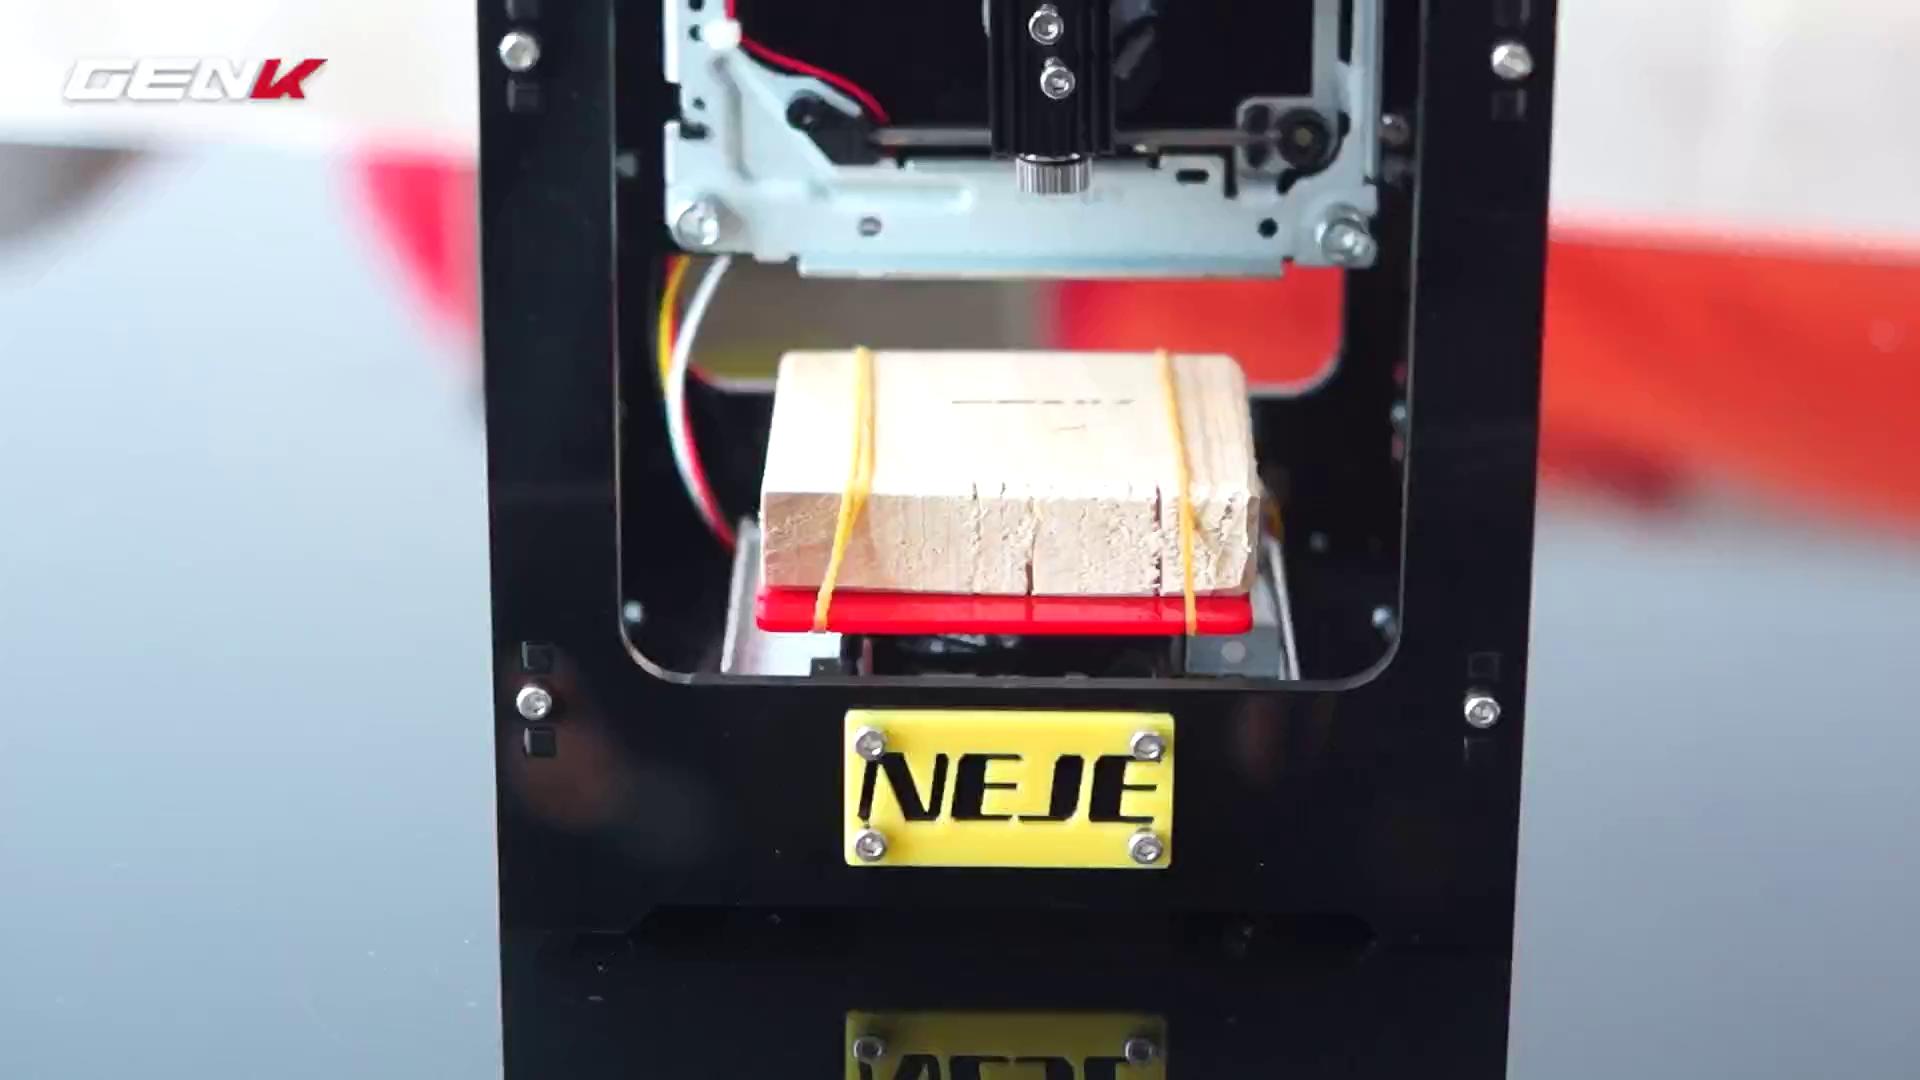 Giới thiệu máy khắc laser để bàn DK-8-KZ: giúp bạn tự làm món quà nghệ thuật tặng người thương - ảnh 1